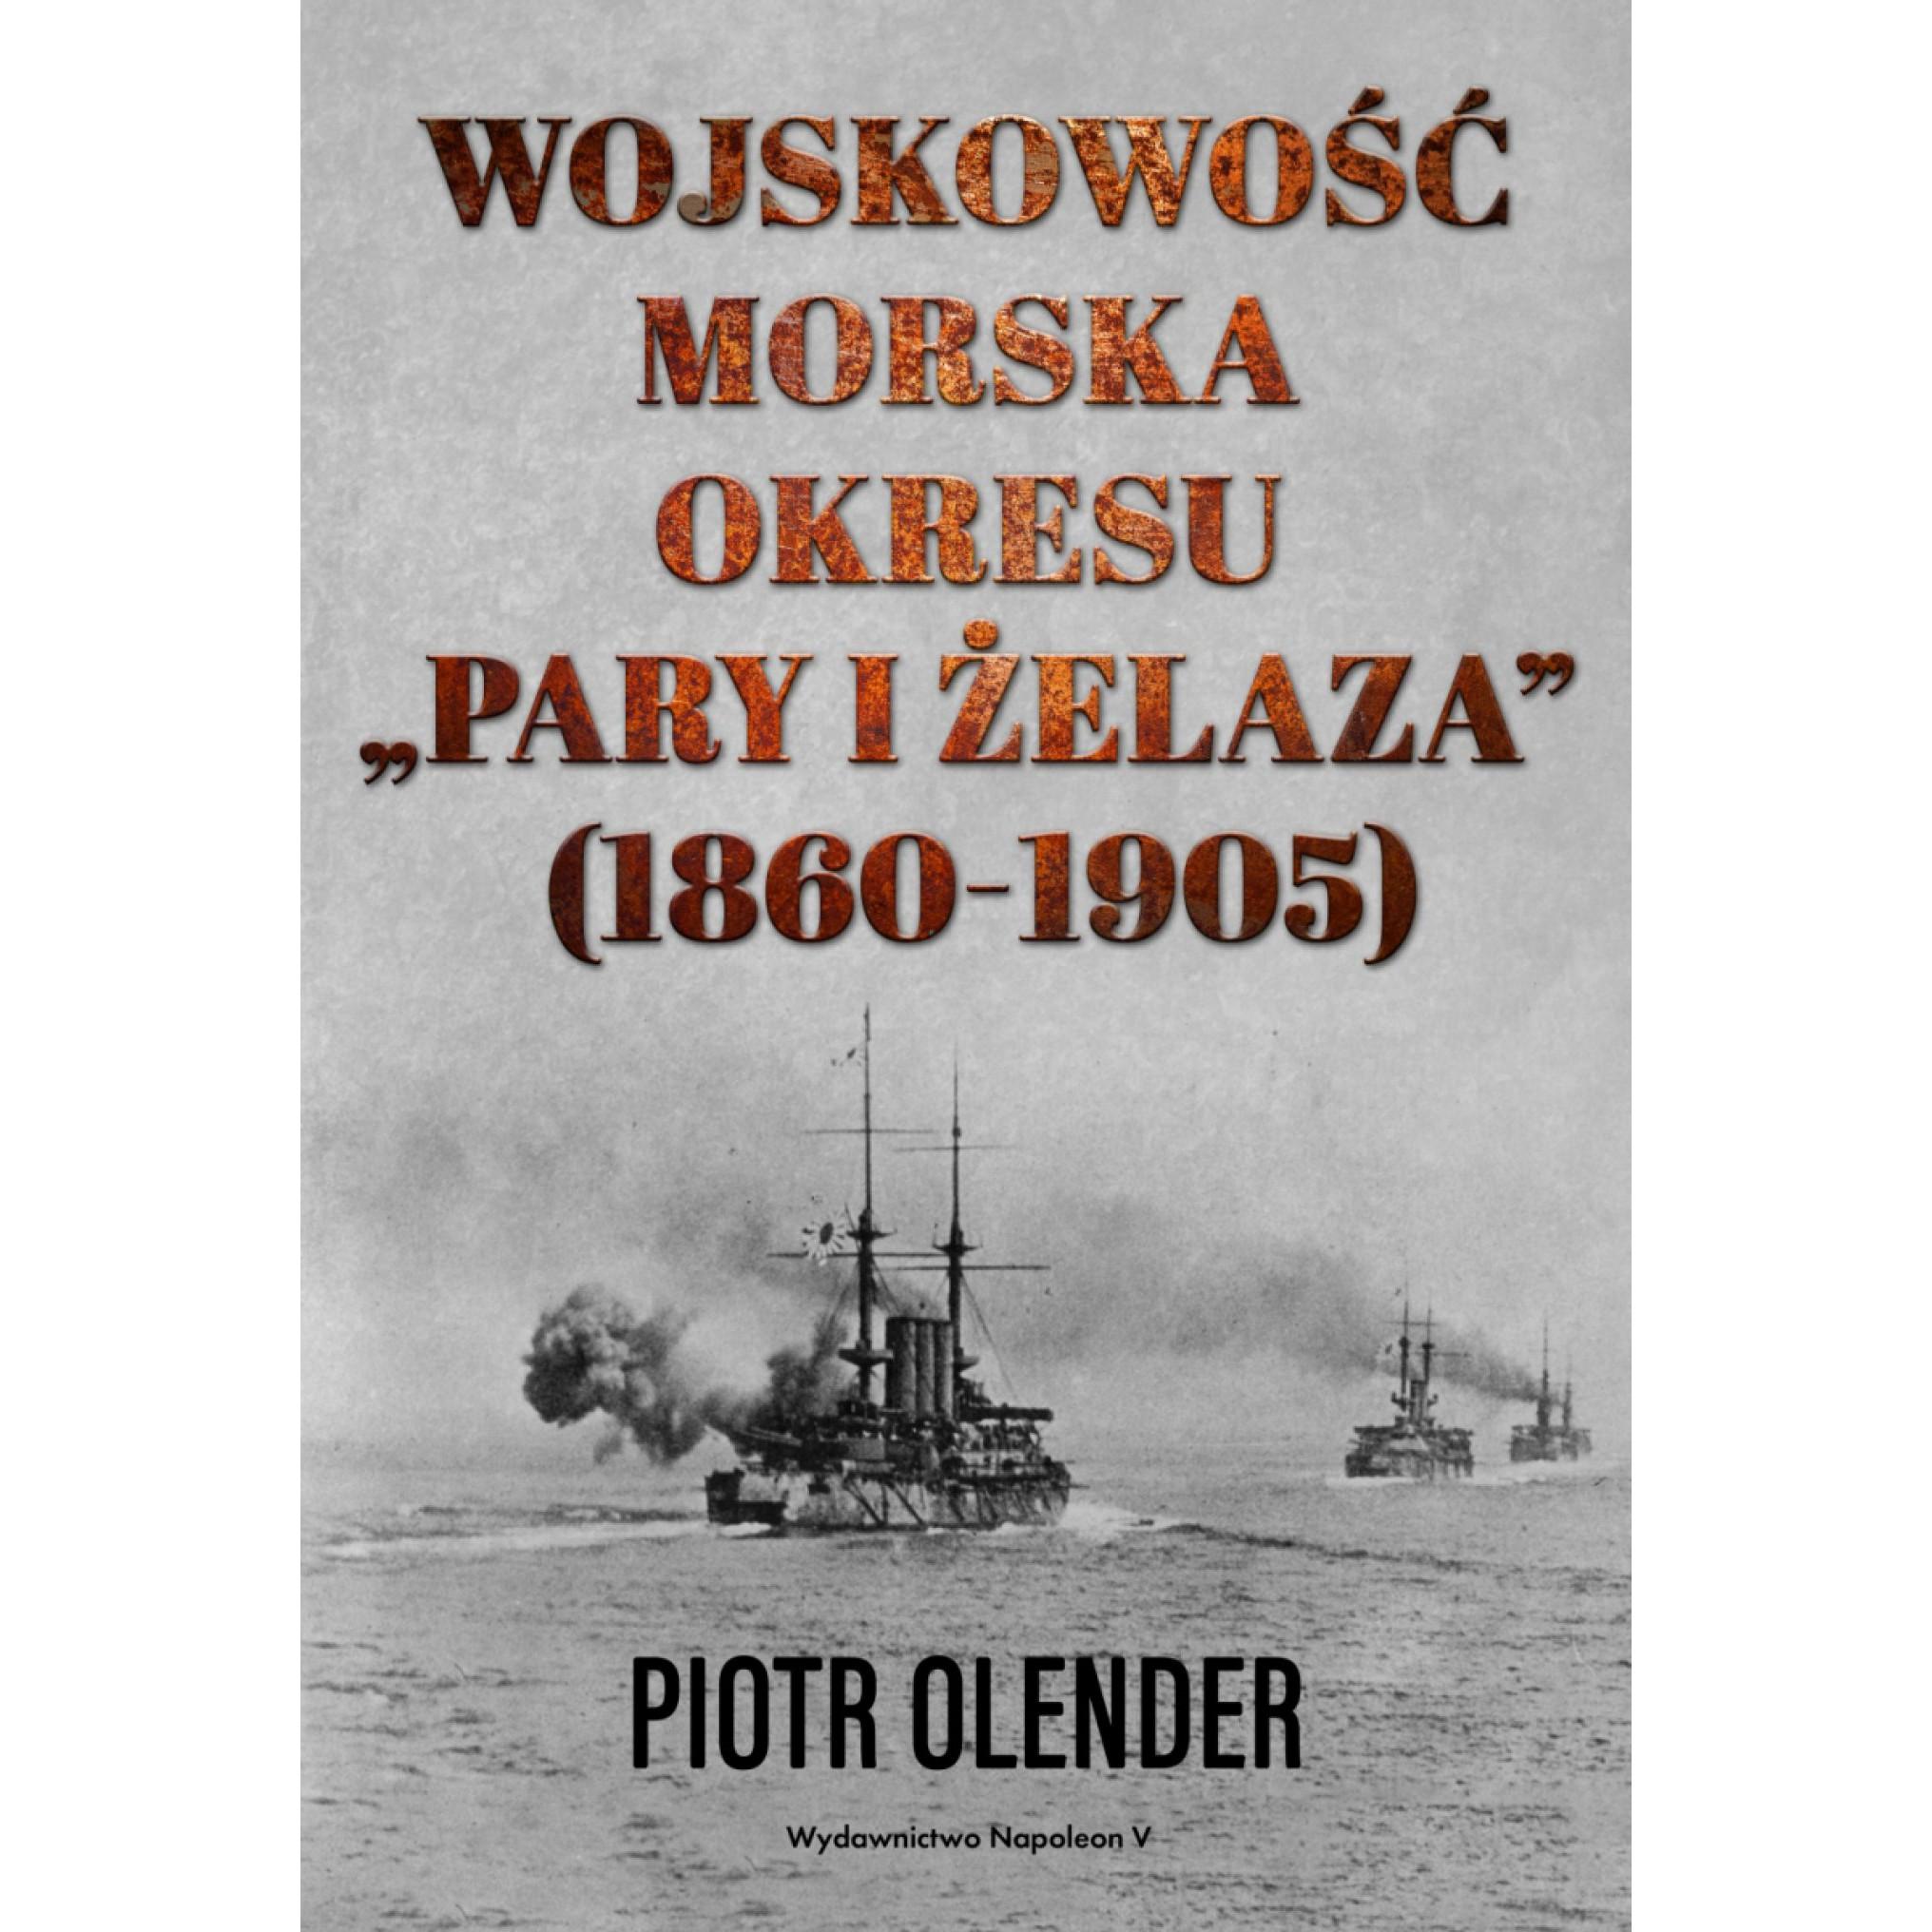 Wojskowość morska okresu pary i żelaza, 1860-1905